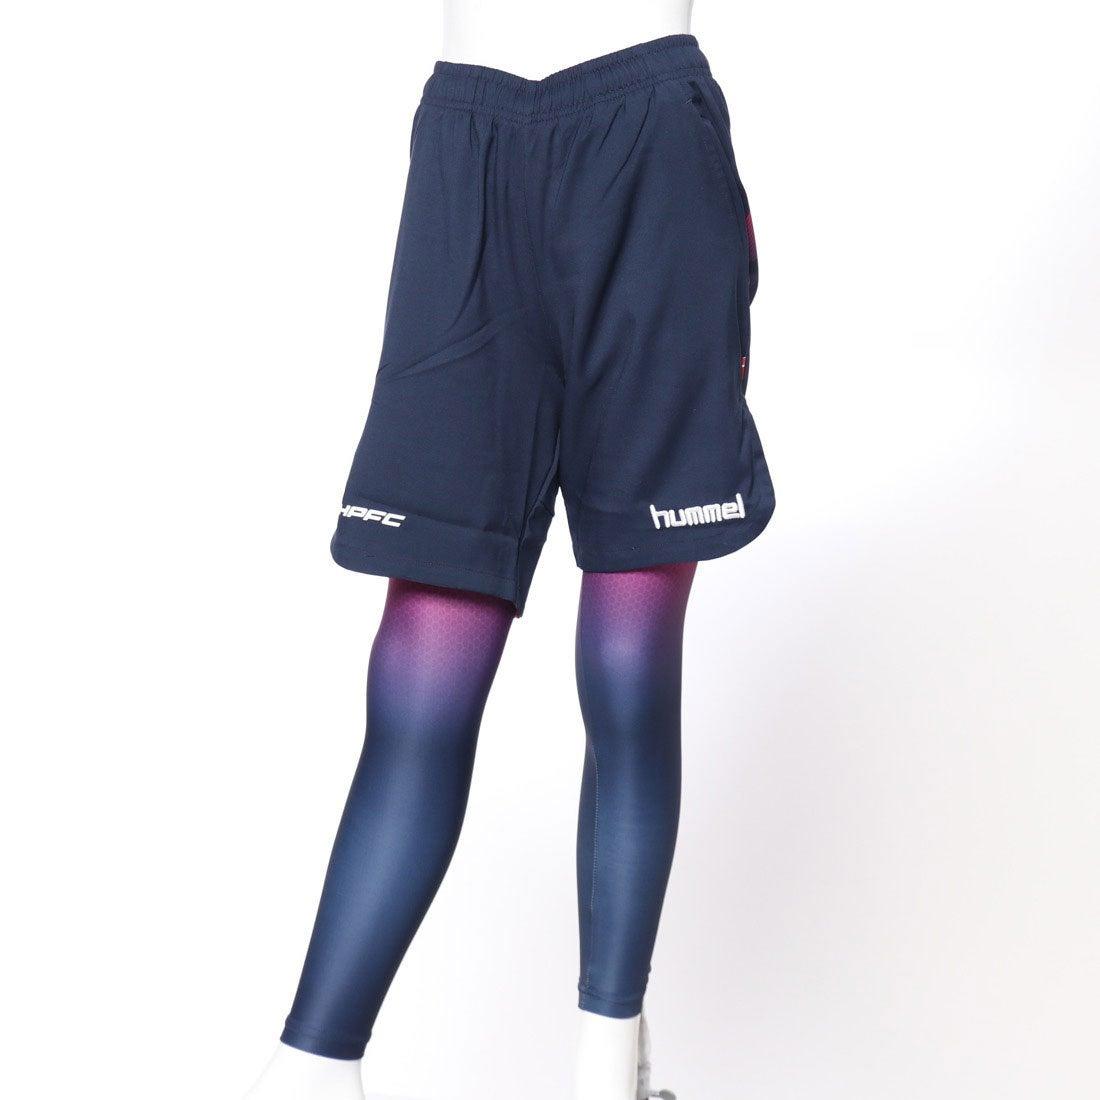 ロコンド 靴とファッションの通販サイトヒュンメルhummelジュニアサッカー/フットサルレイヤードパンツジュニアプラパンツ・インナーセットHJP2109